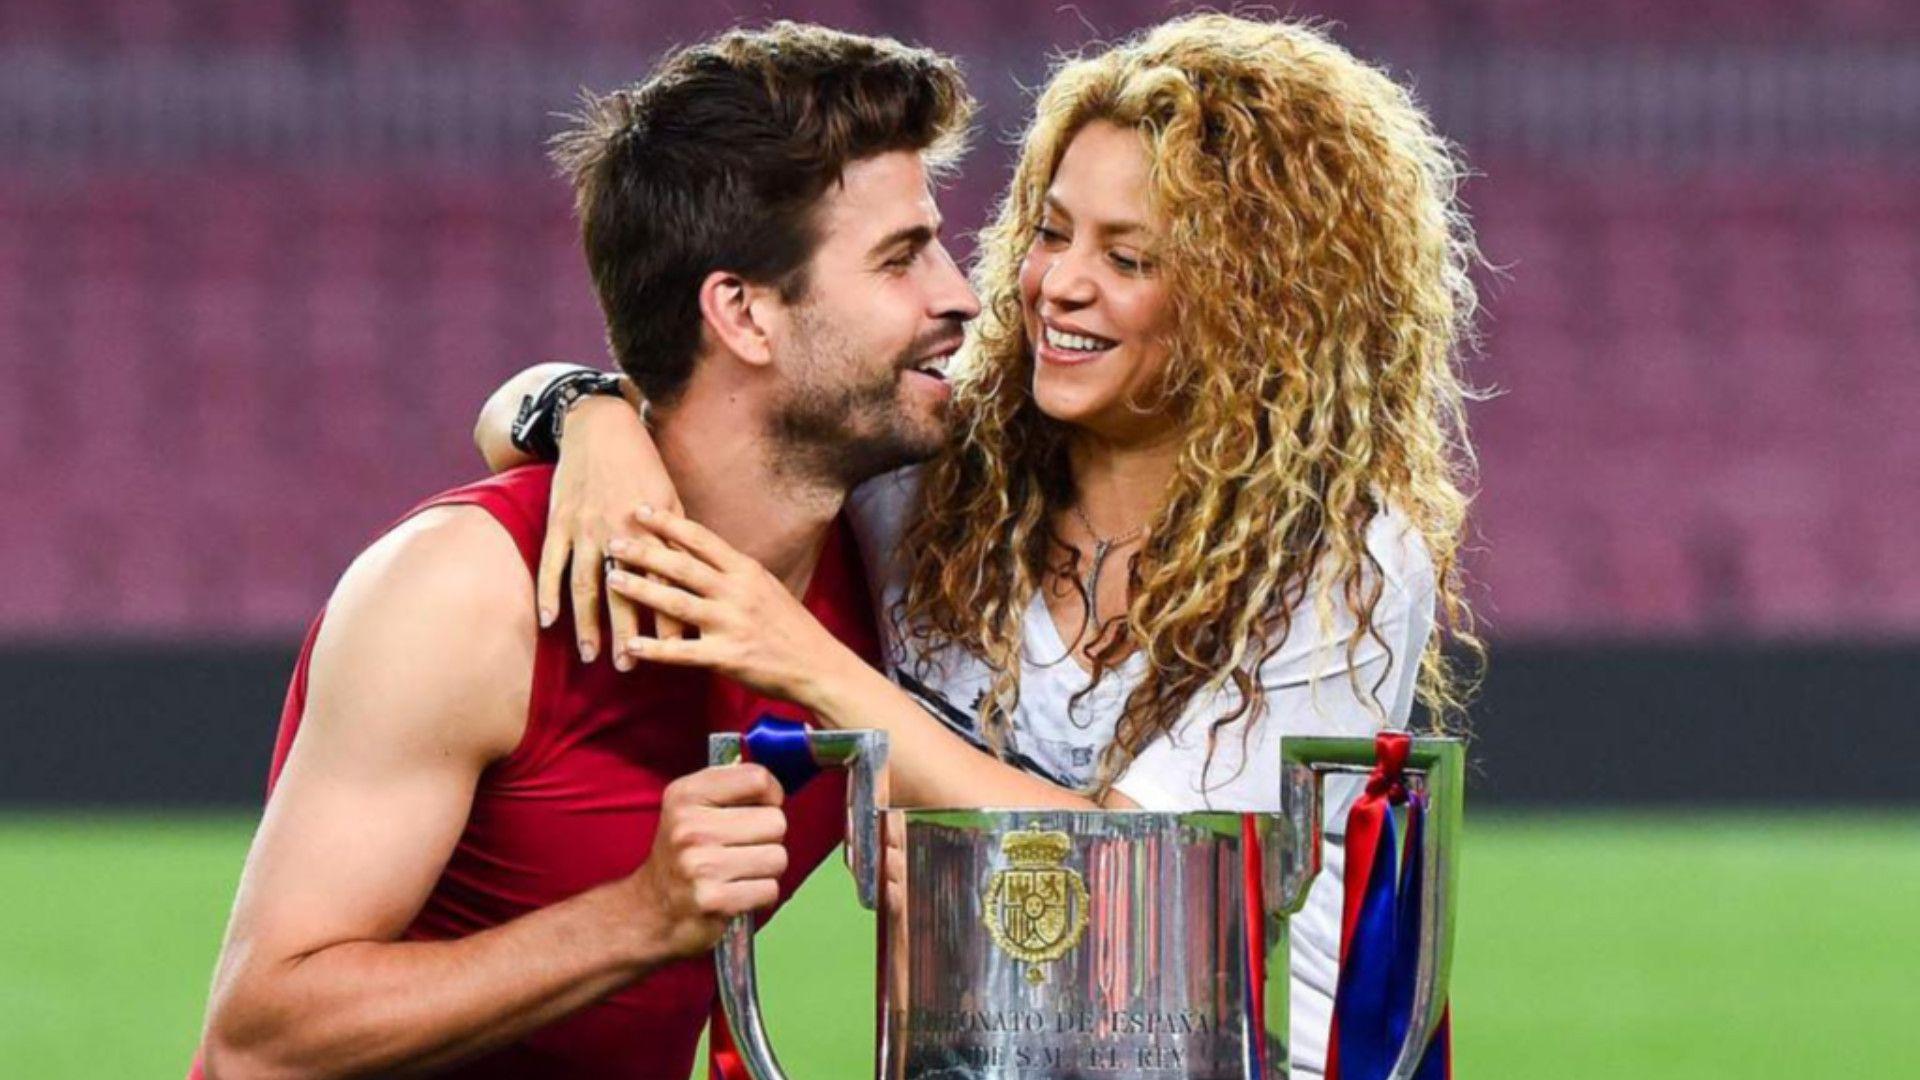 ¿Estuvo de acuerdo? Shakira se pronunció ante la rebaja de sueldo de su esposo Piqué en el Barcelona INSTAGRAM SHAKIRA